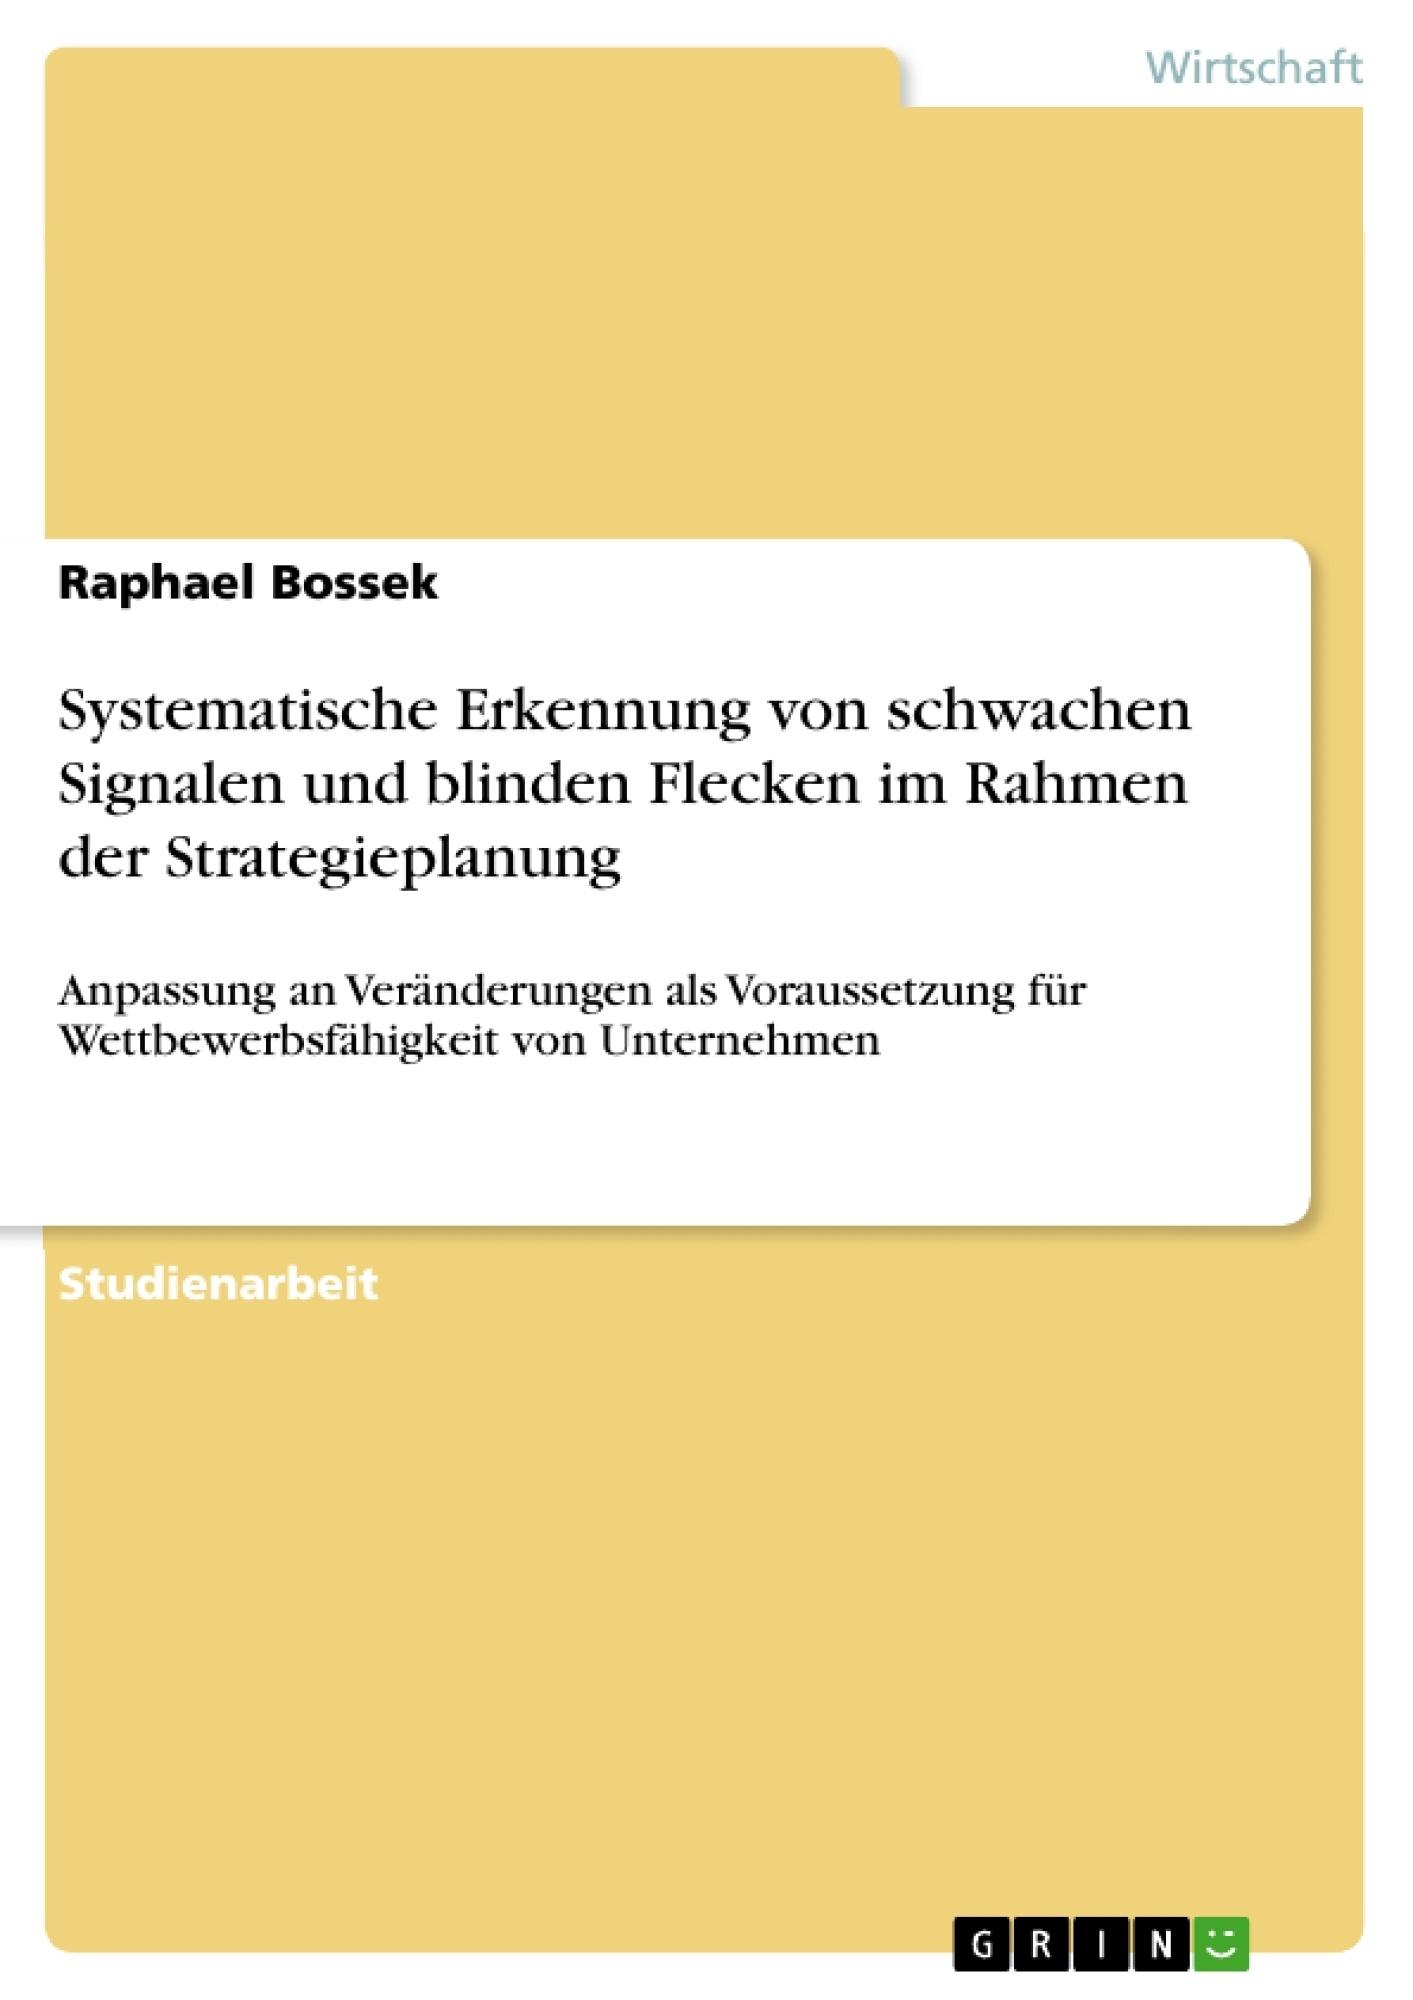 Titel: Systematische Erkennung von schwachen Signalen und blinden Flecken im Rahmen der Strategieplanung